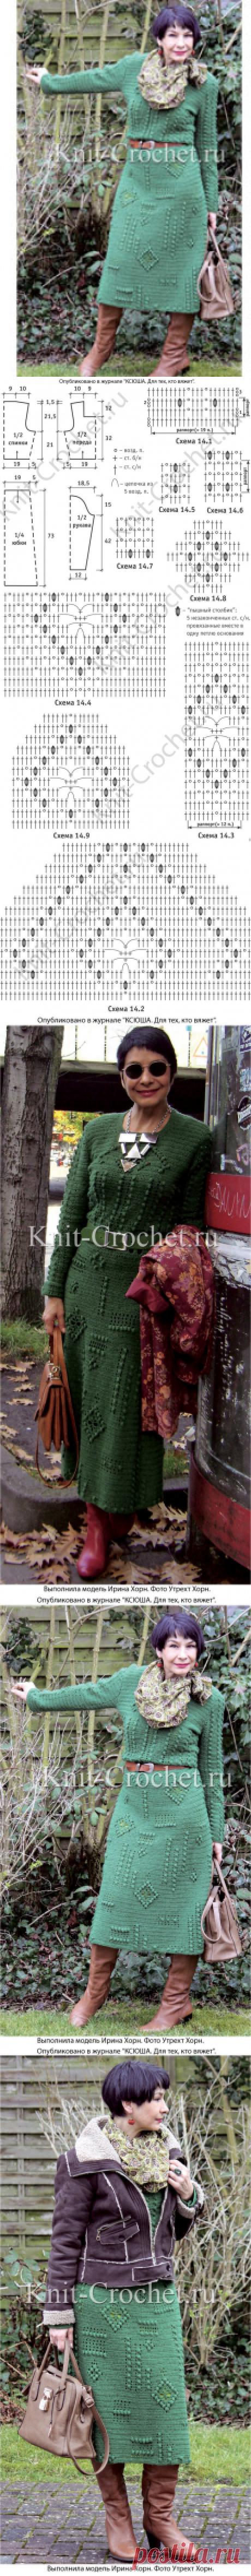 Платье крючком с ромбами из «шишечек». - Платья, связанные крючком - Вязание крючком - Каталог статей - Вязание спицами и крючком